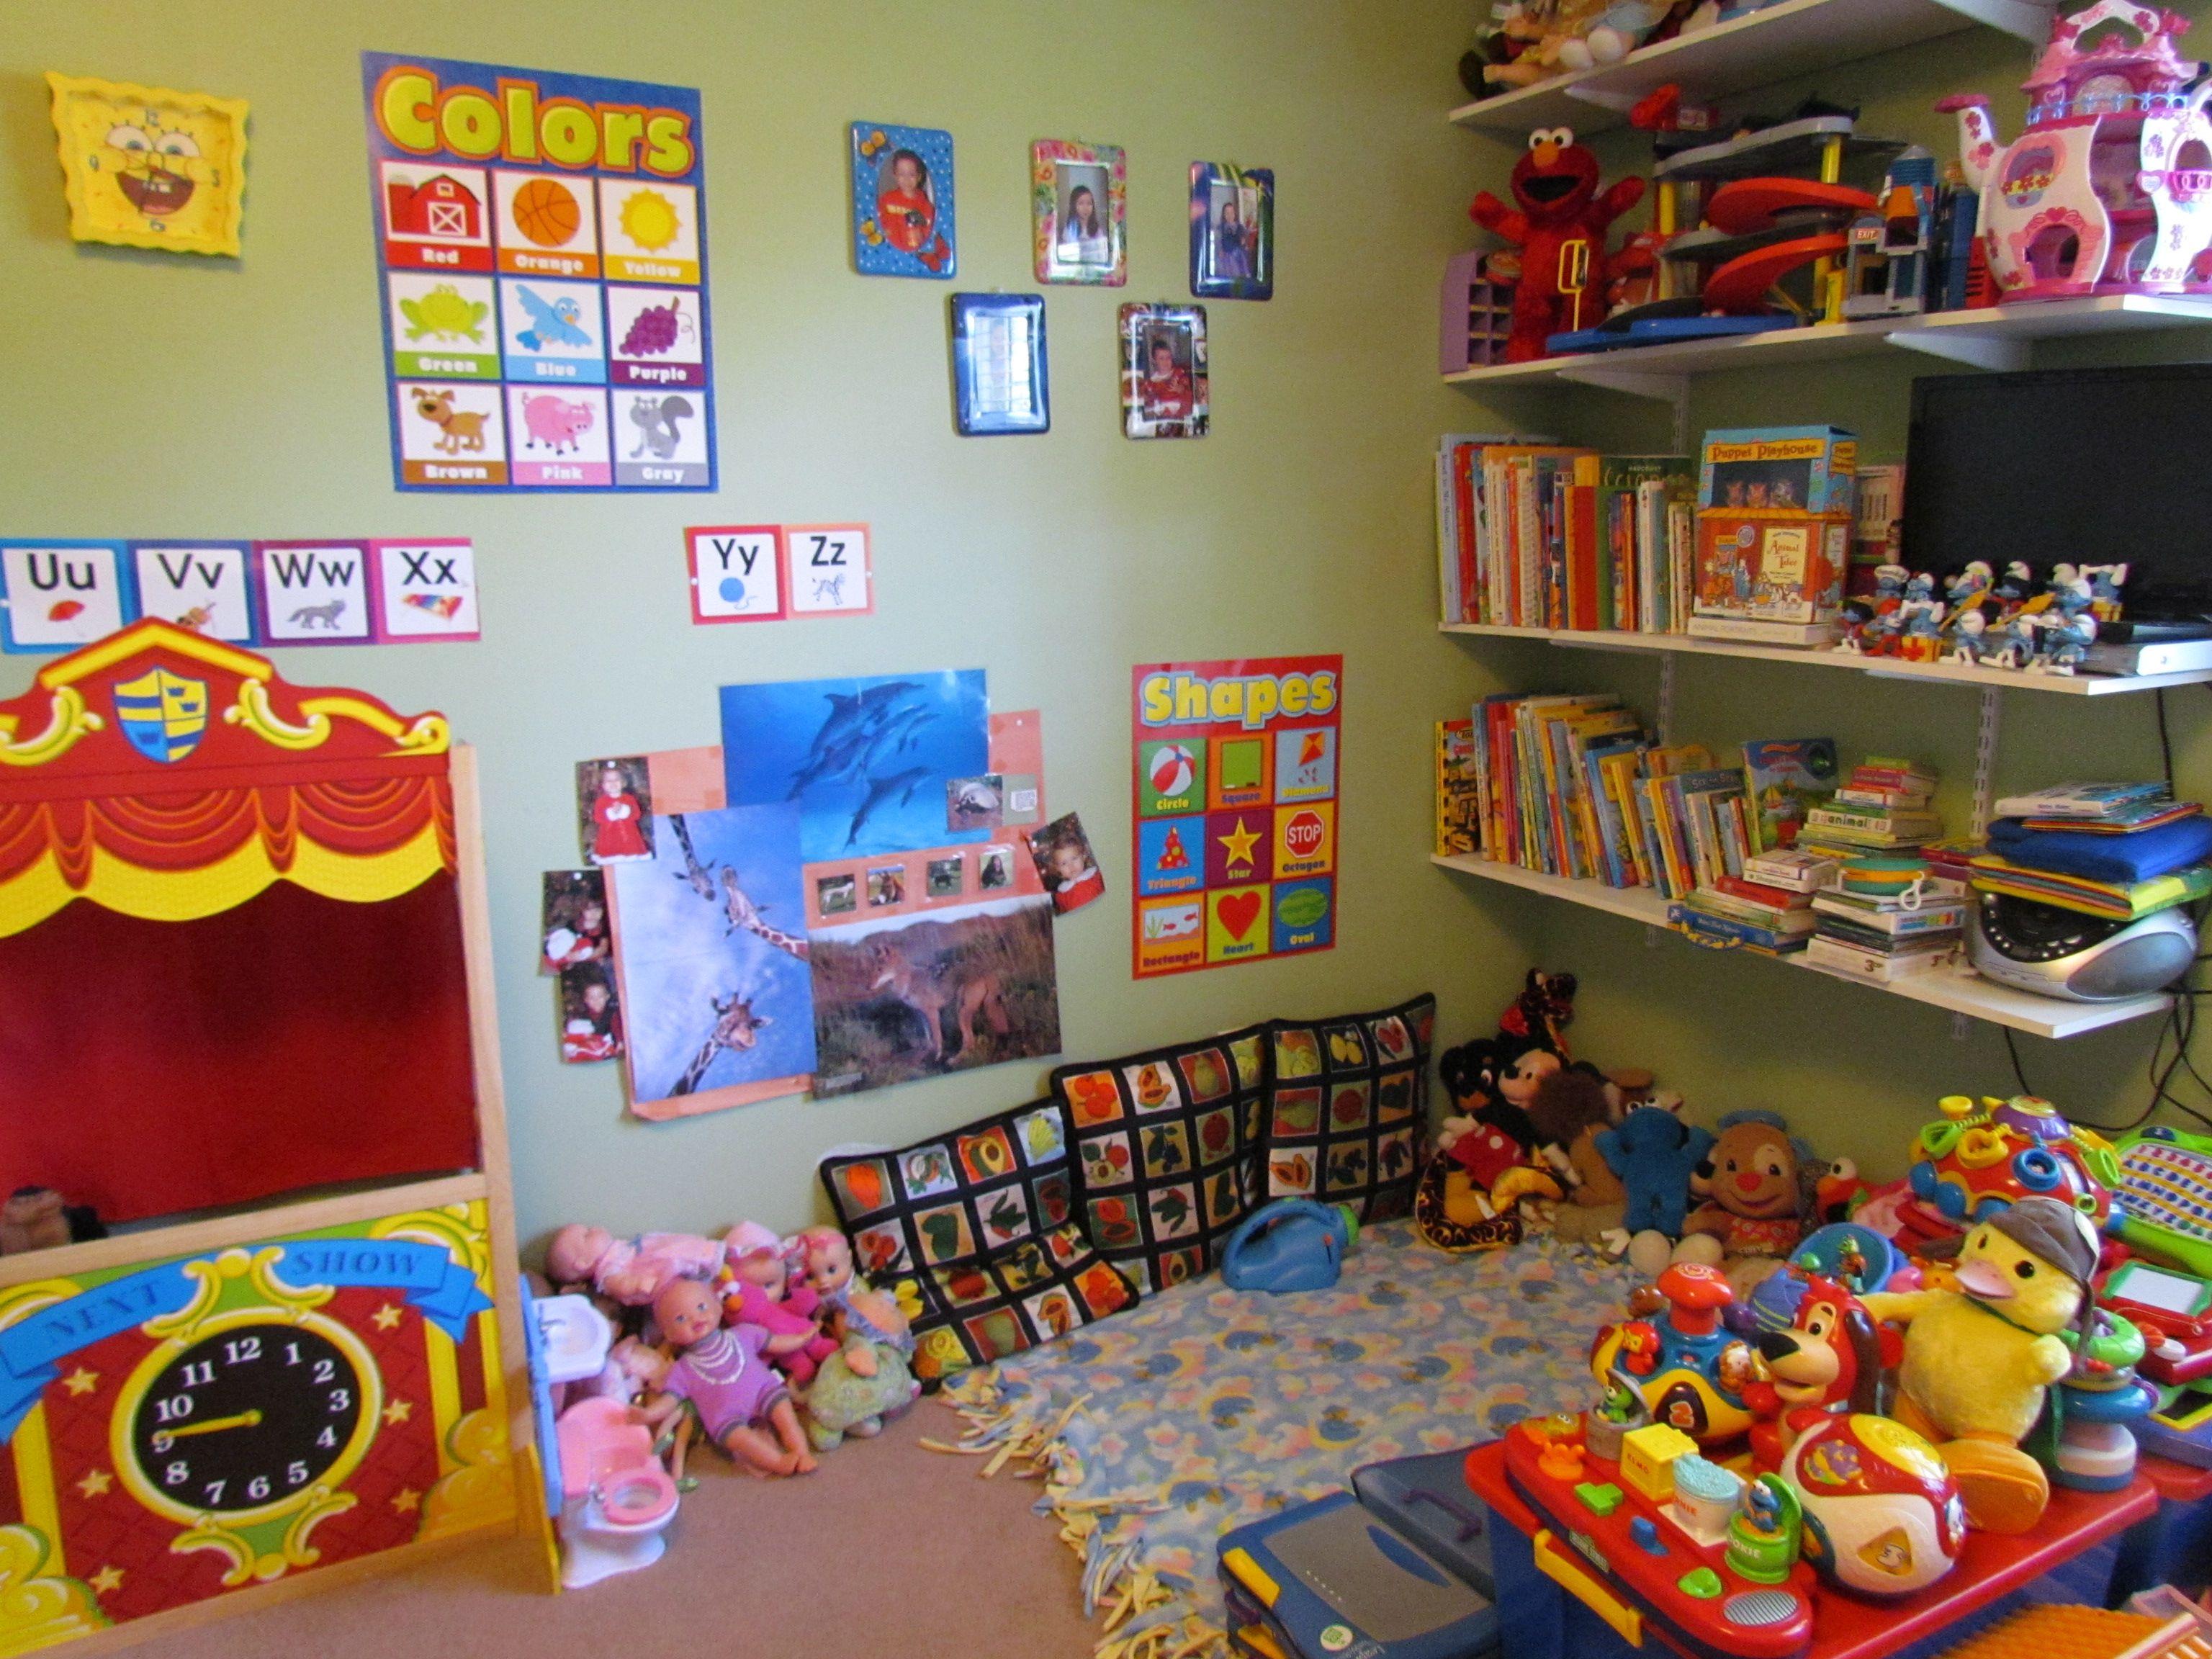 Lenka S Family Licensed Child Care Home Little Busy But Like The